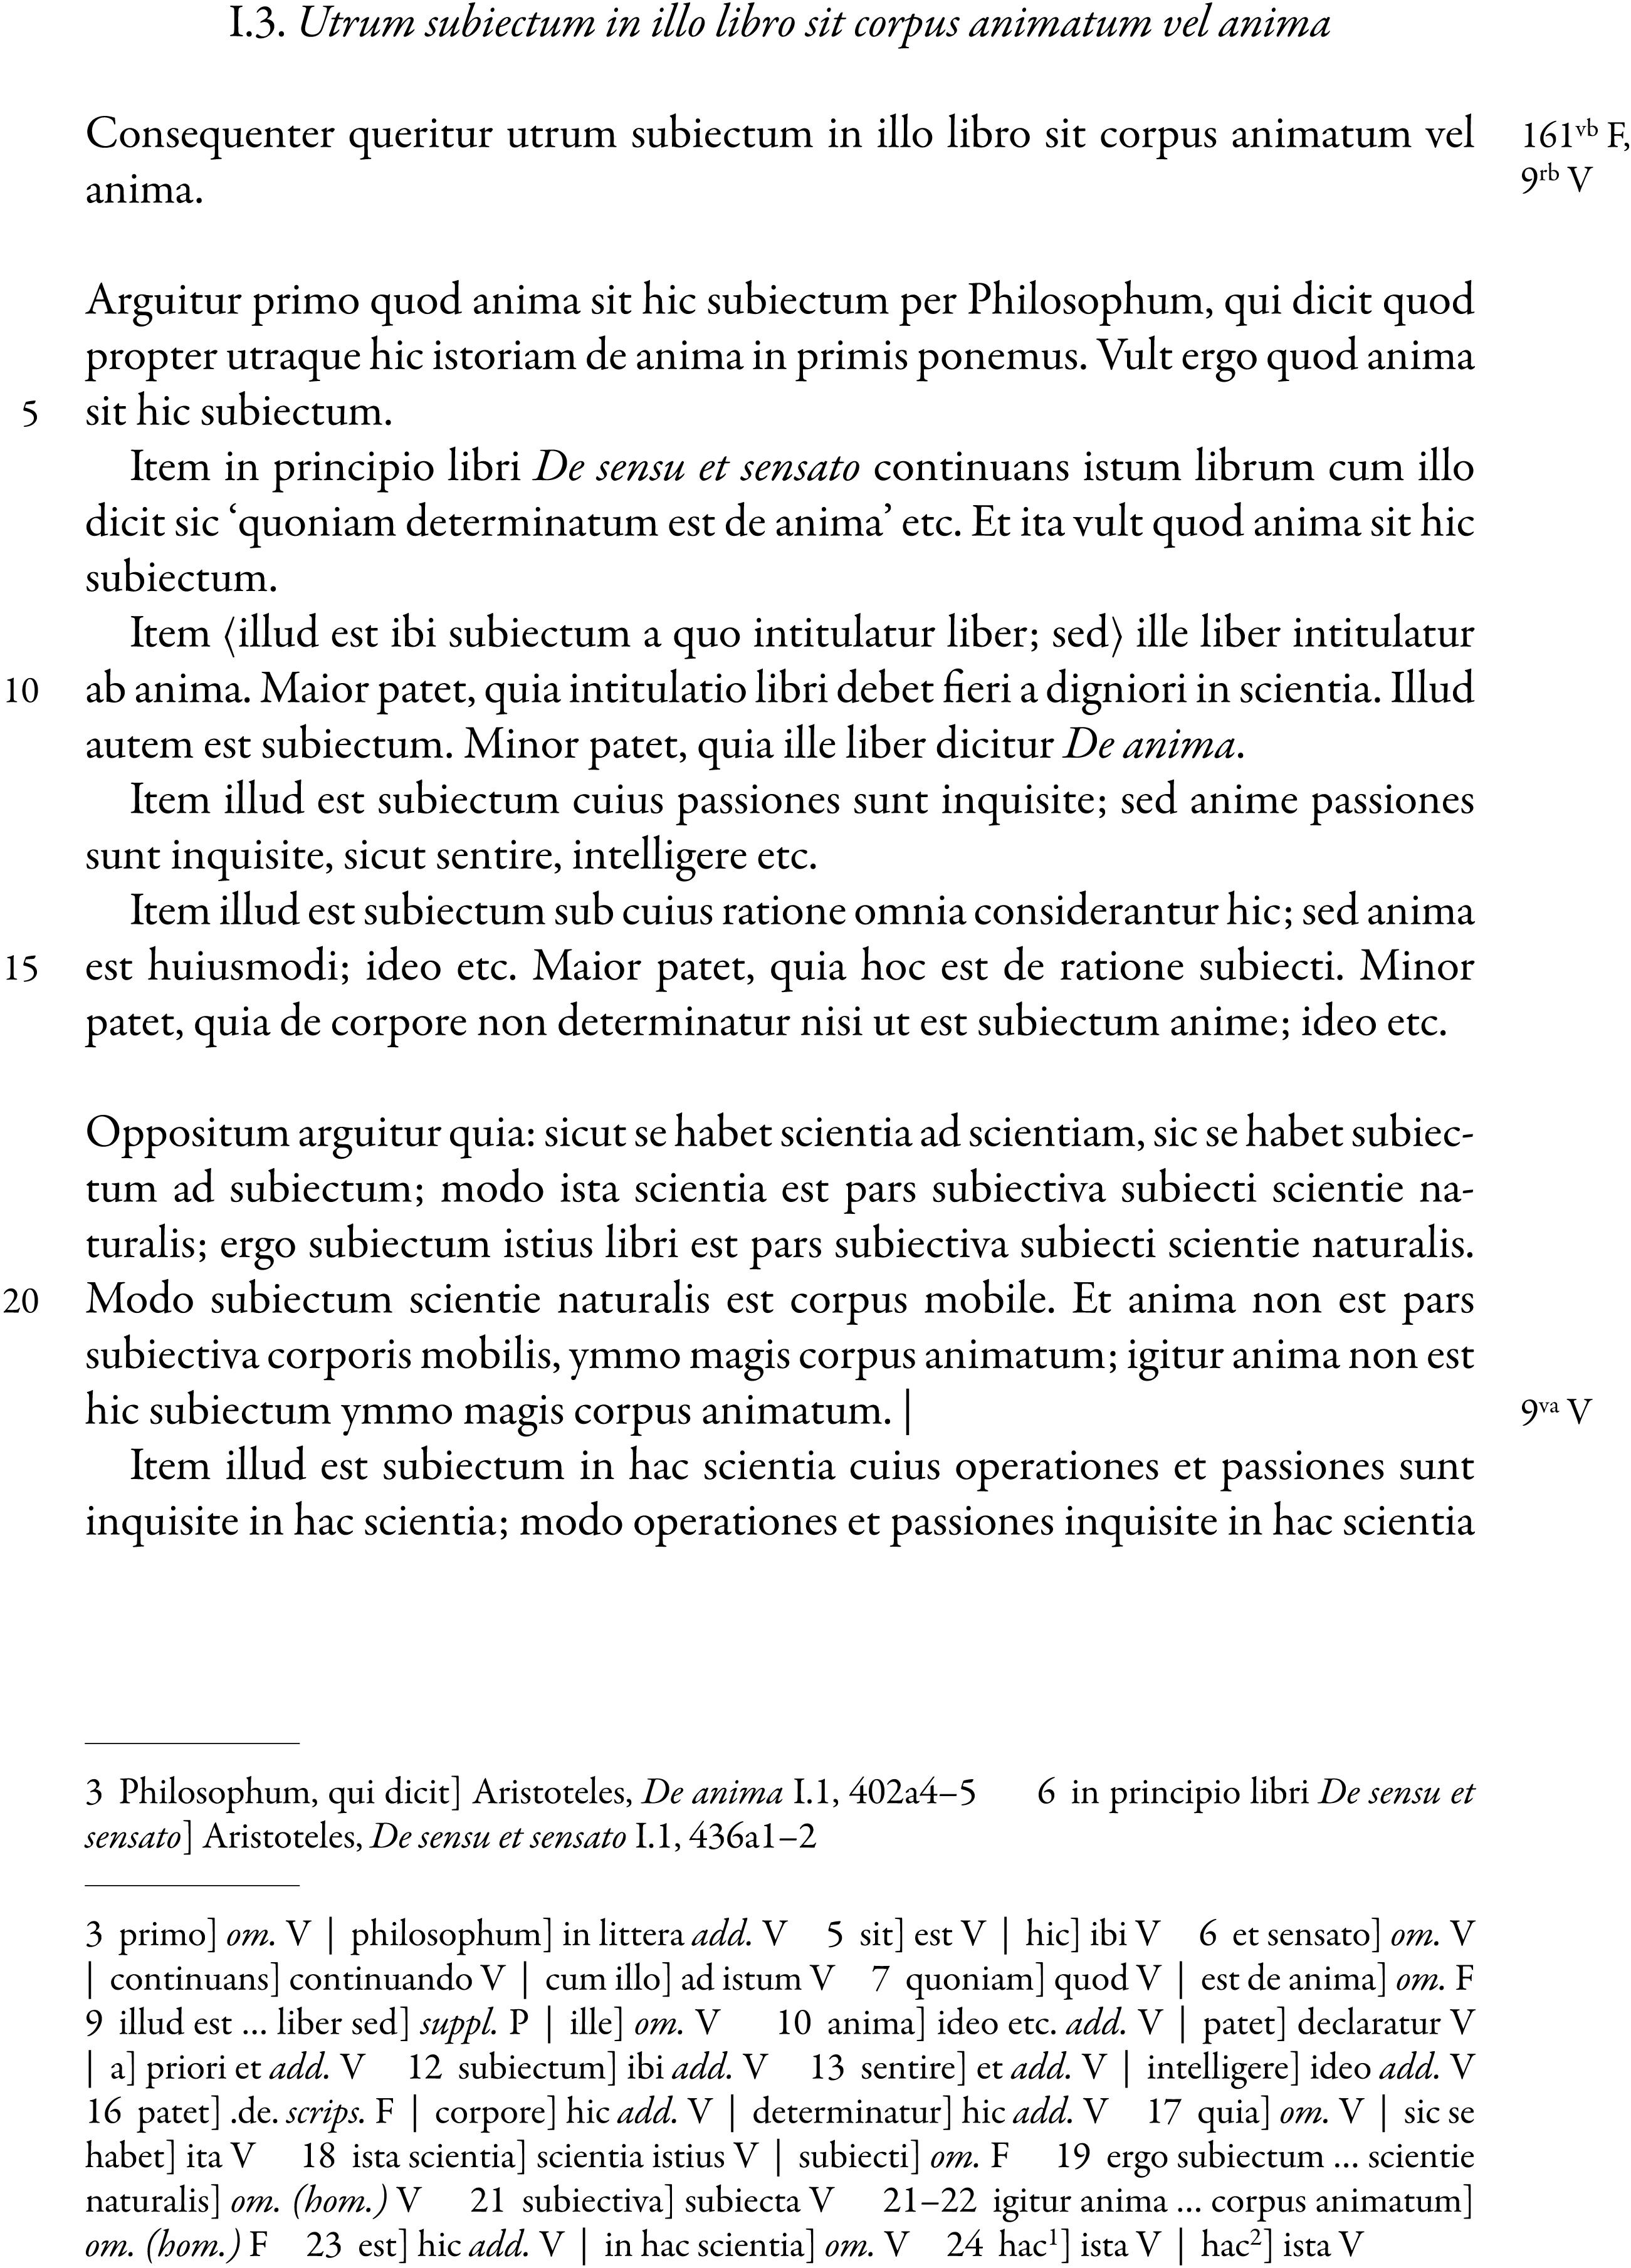 Radulphus Brito's Commentary on Aristotle's De anima in: Vivarium